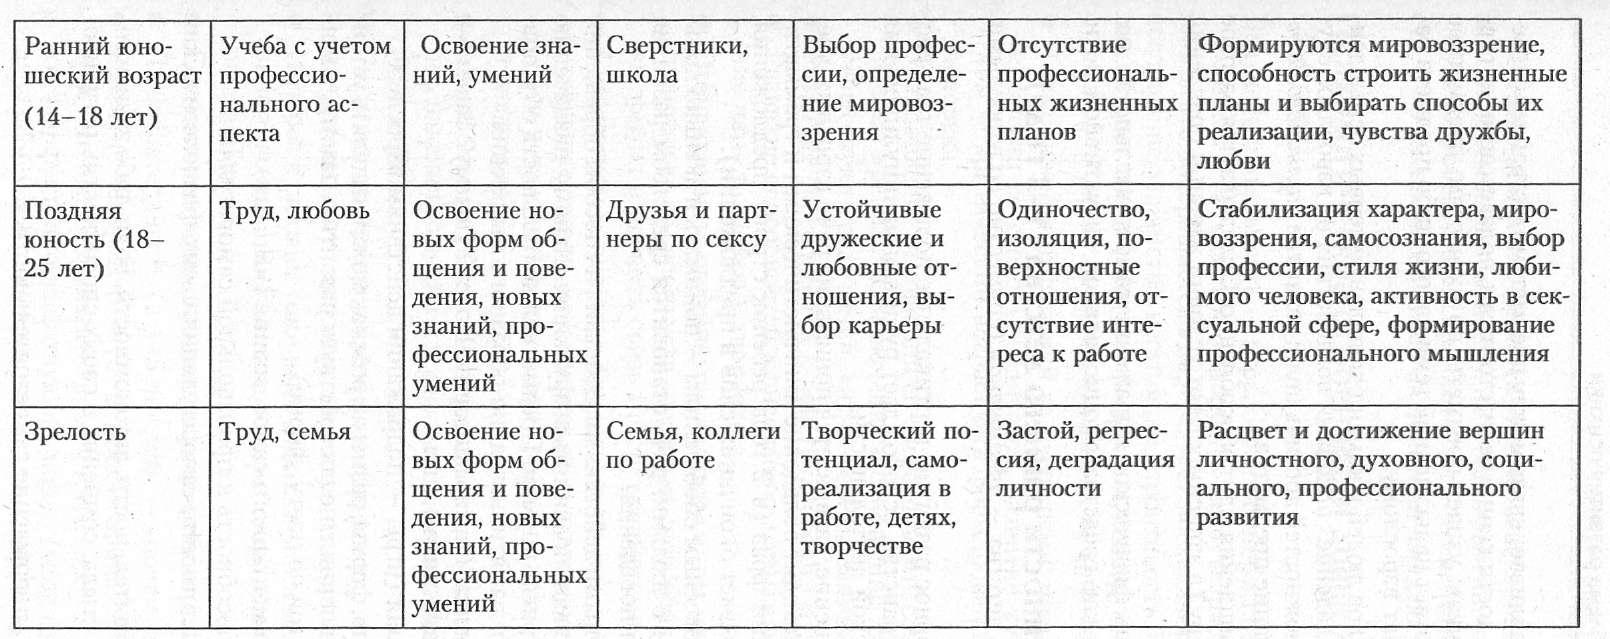 Физические психологические и психофизиологические